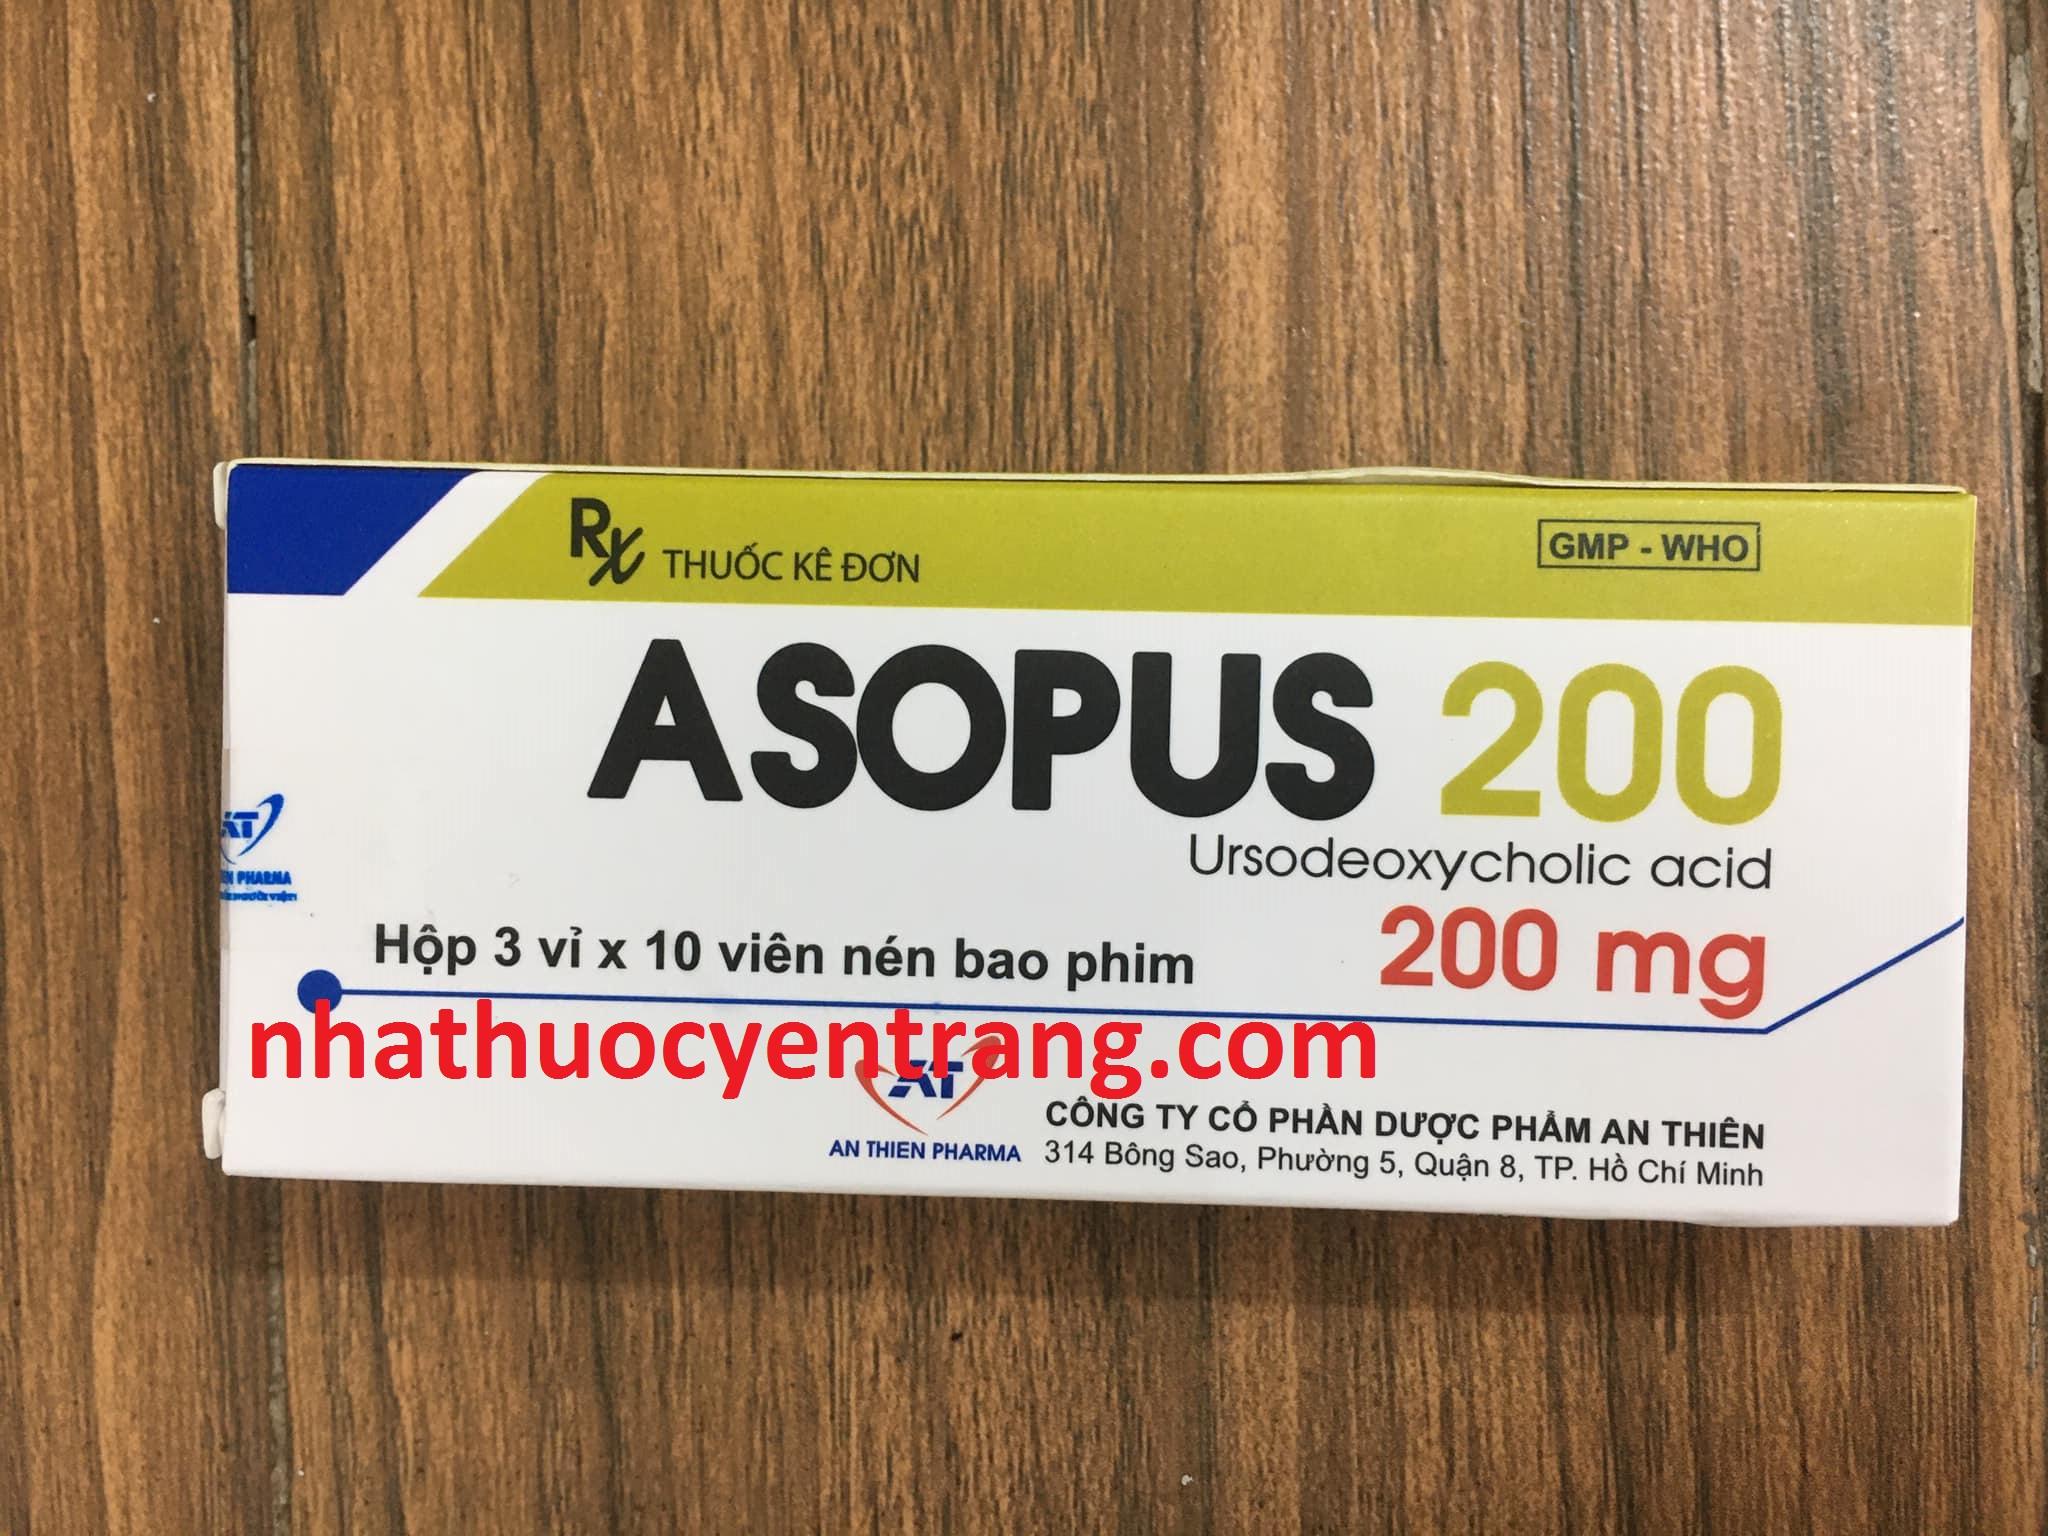 Asopus 200mg